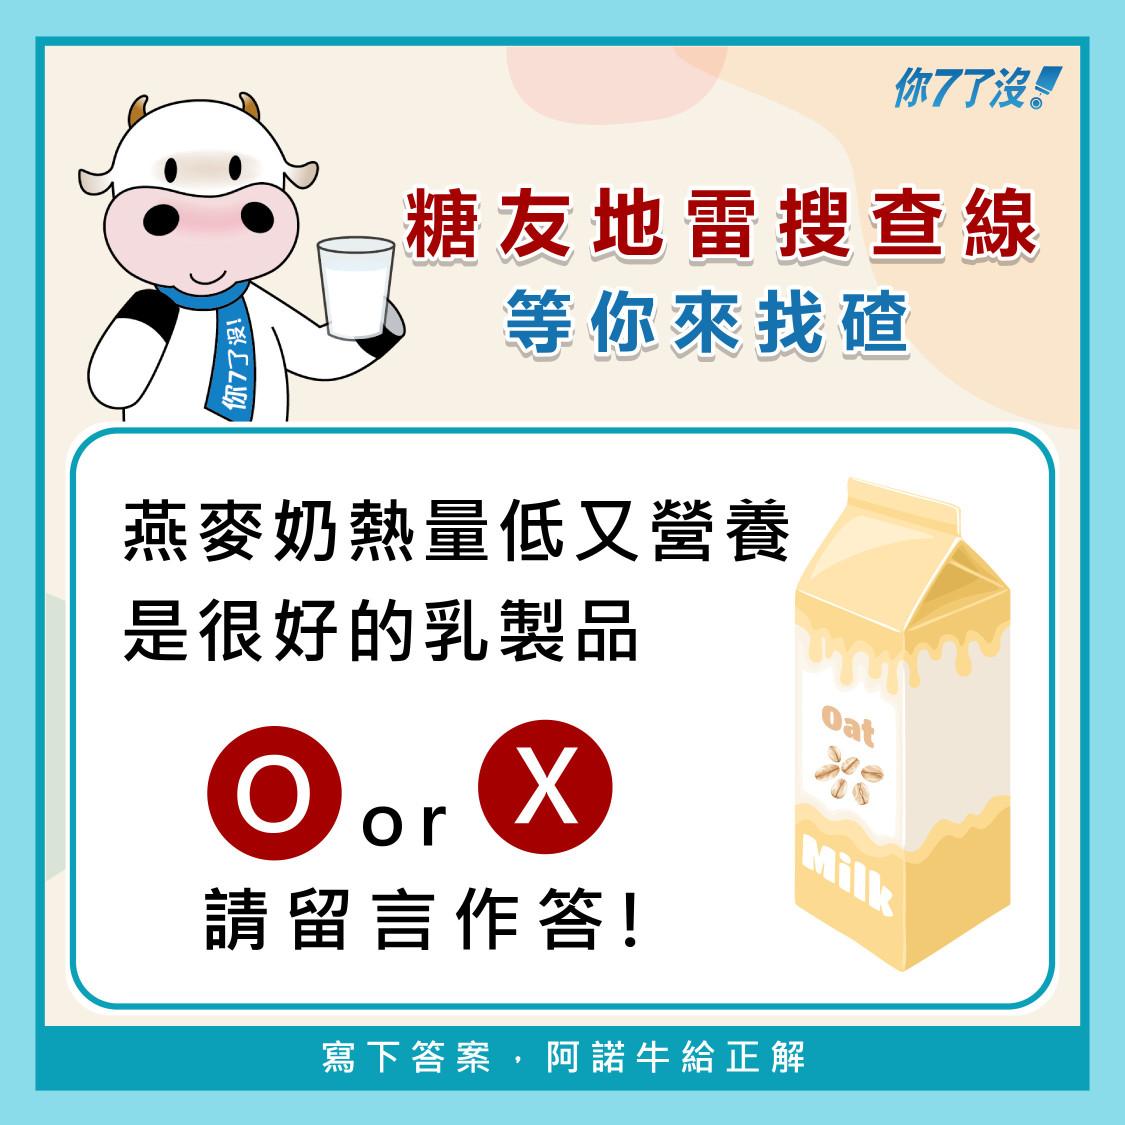 「燕麥奶」熱量低很健康,是良好乳製品來源嗎?